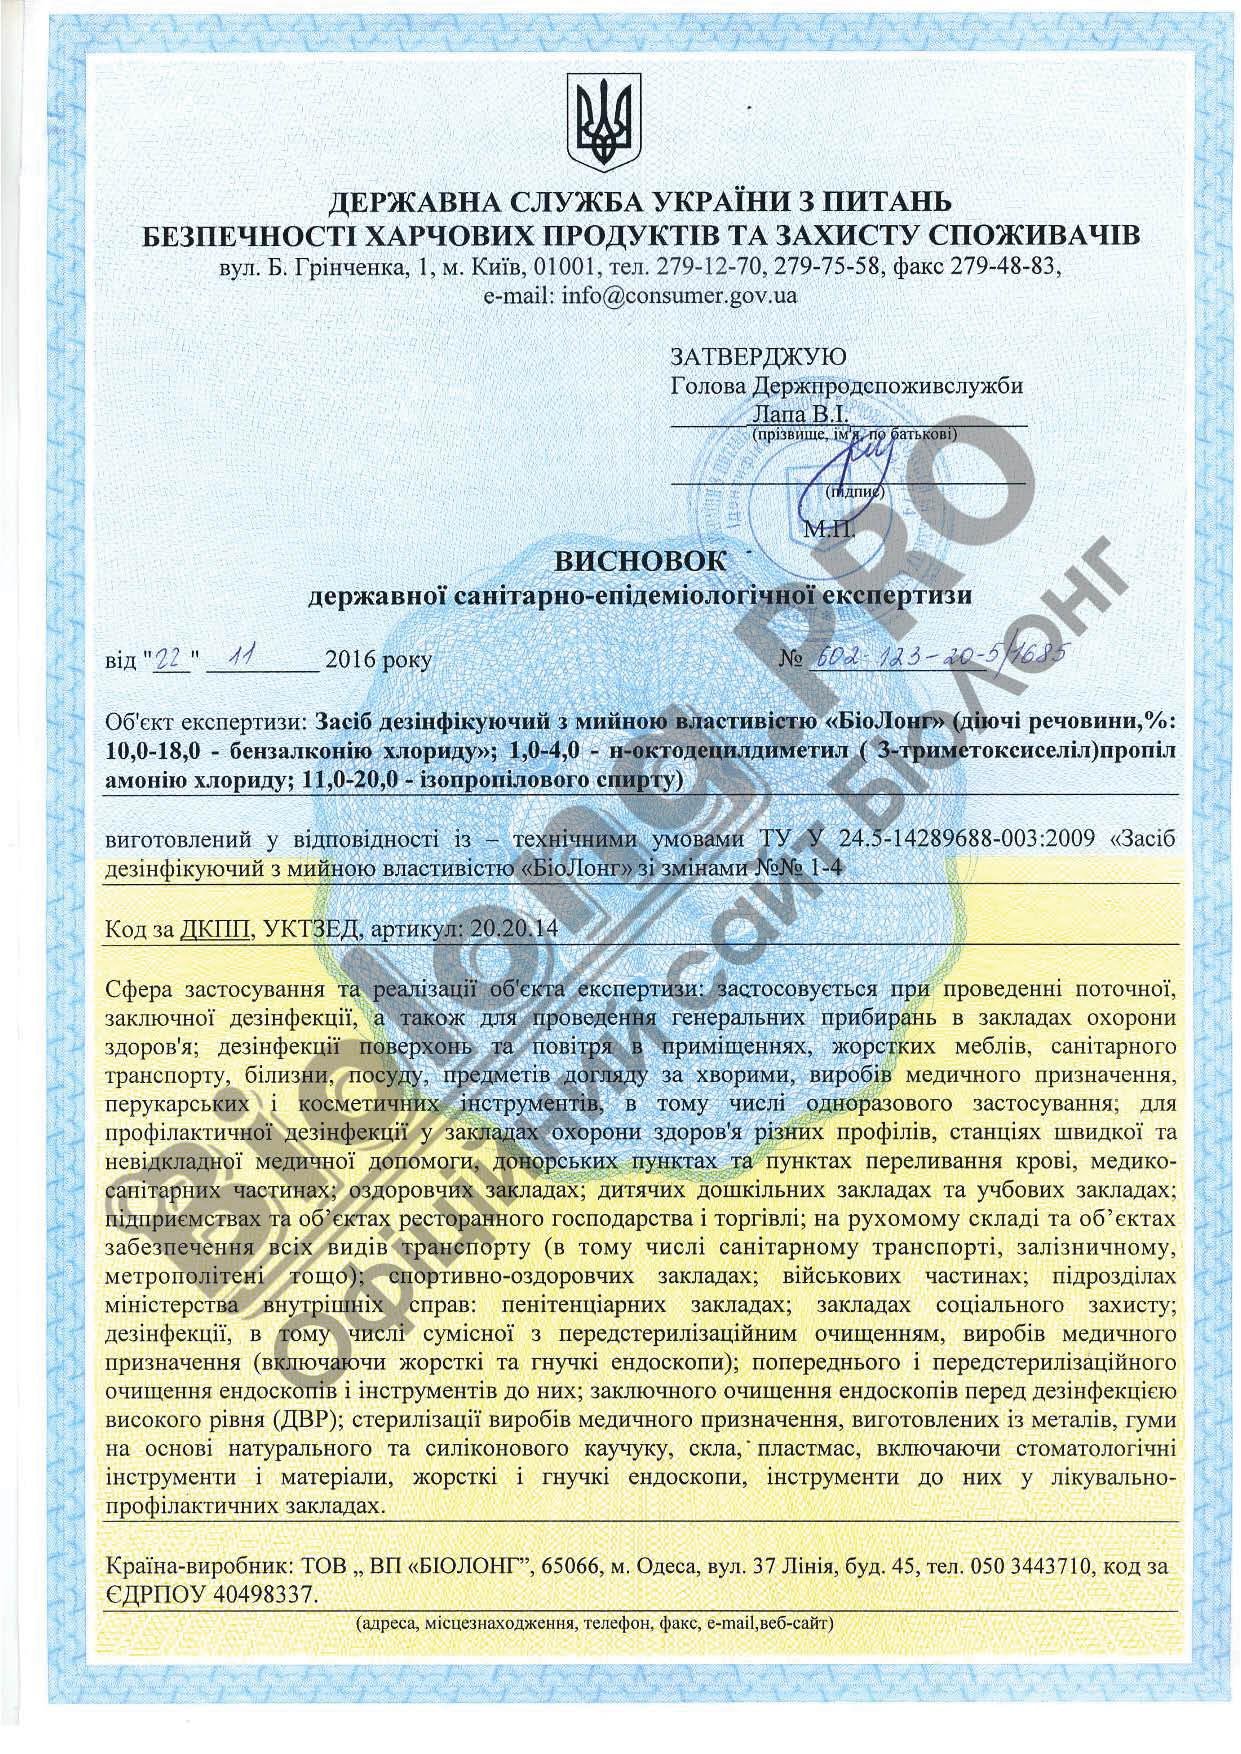 Сертификат СЕС Биолонг ЗДМВ